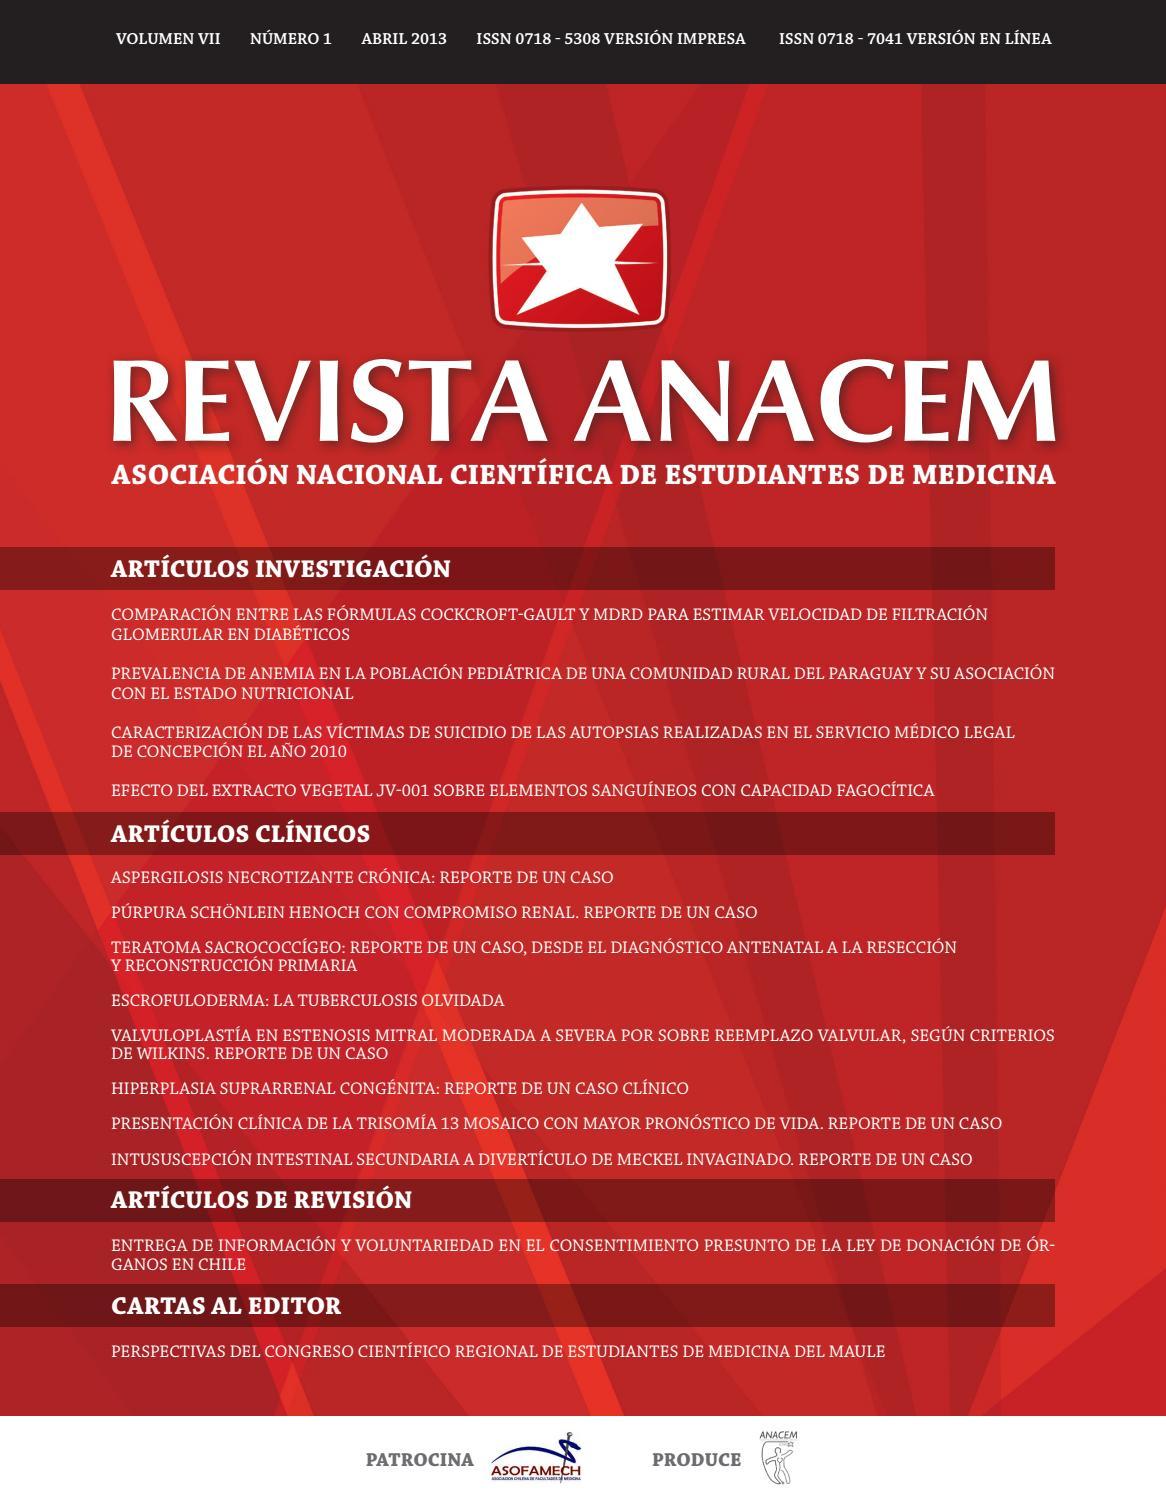 Fractura sacrococcígea emedicina hipertensión